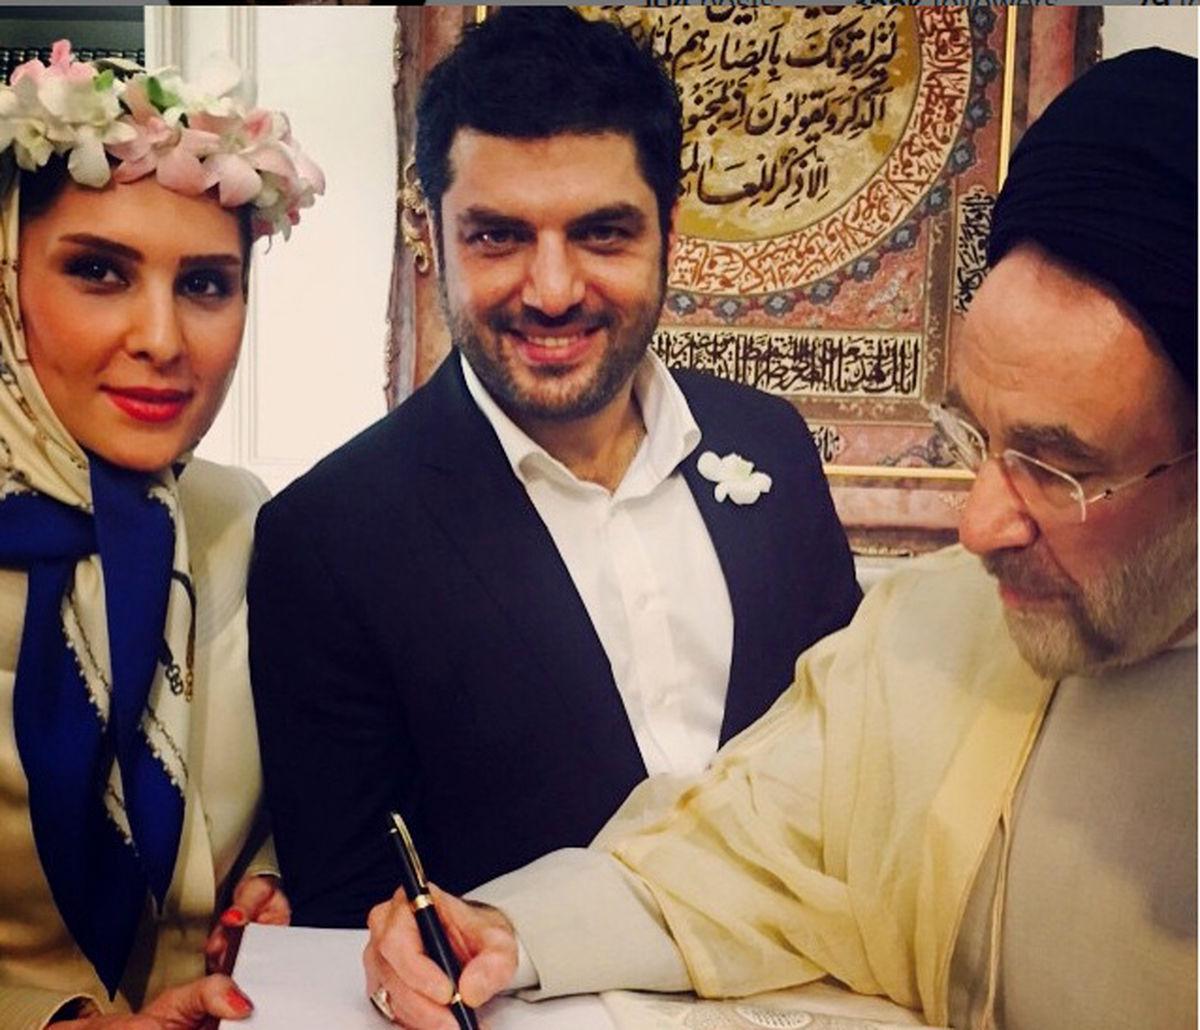 اولین عکس از پسر سام درخشانی   ماجرای ازدواج سام درخشانی و همسرش